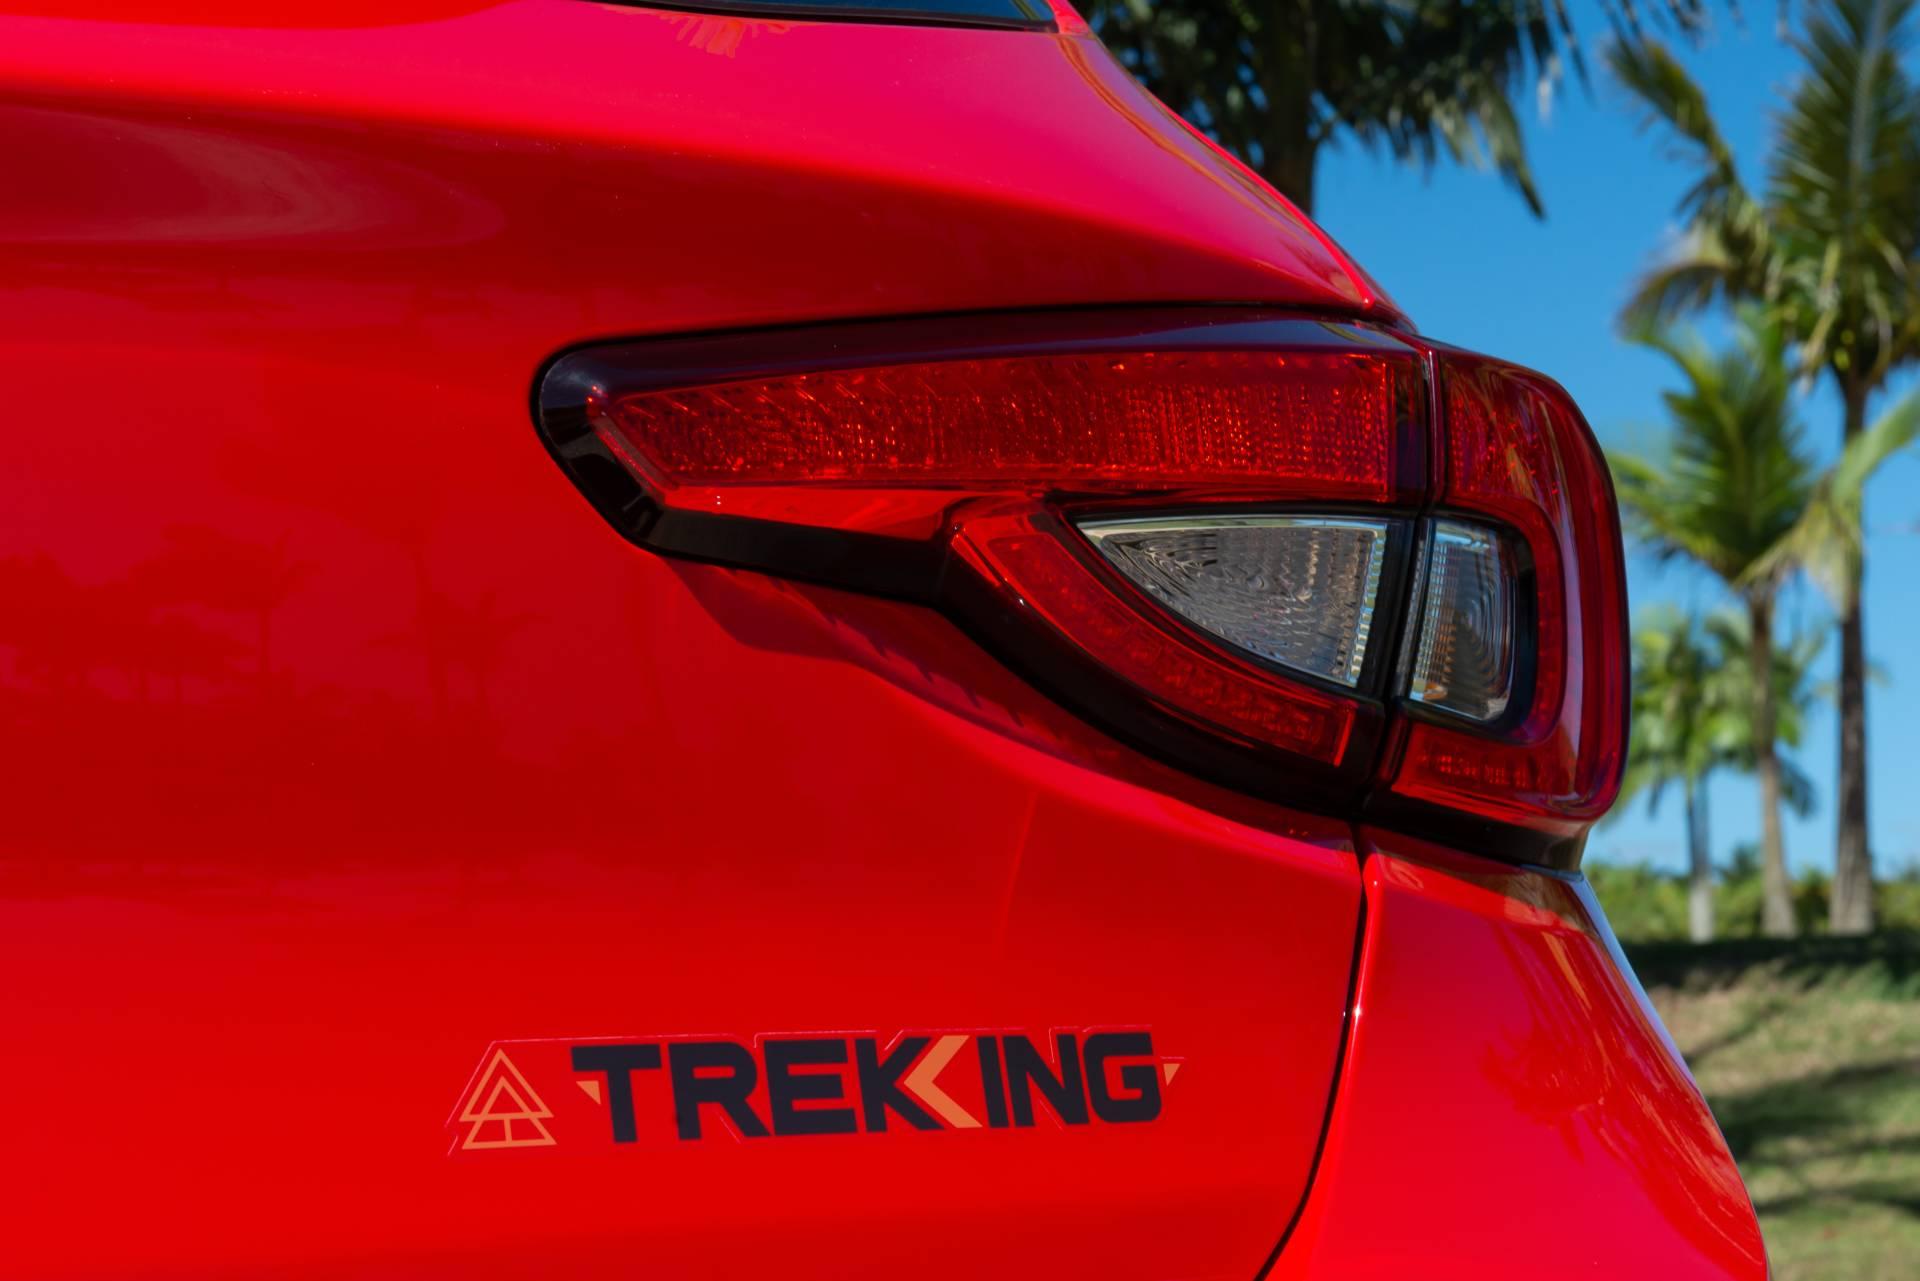 Fiat-Argo-Trekking-69